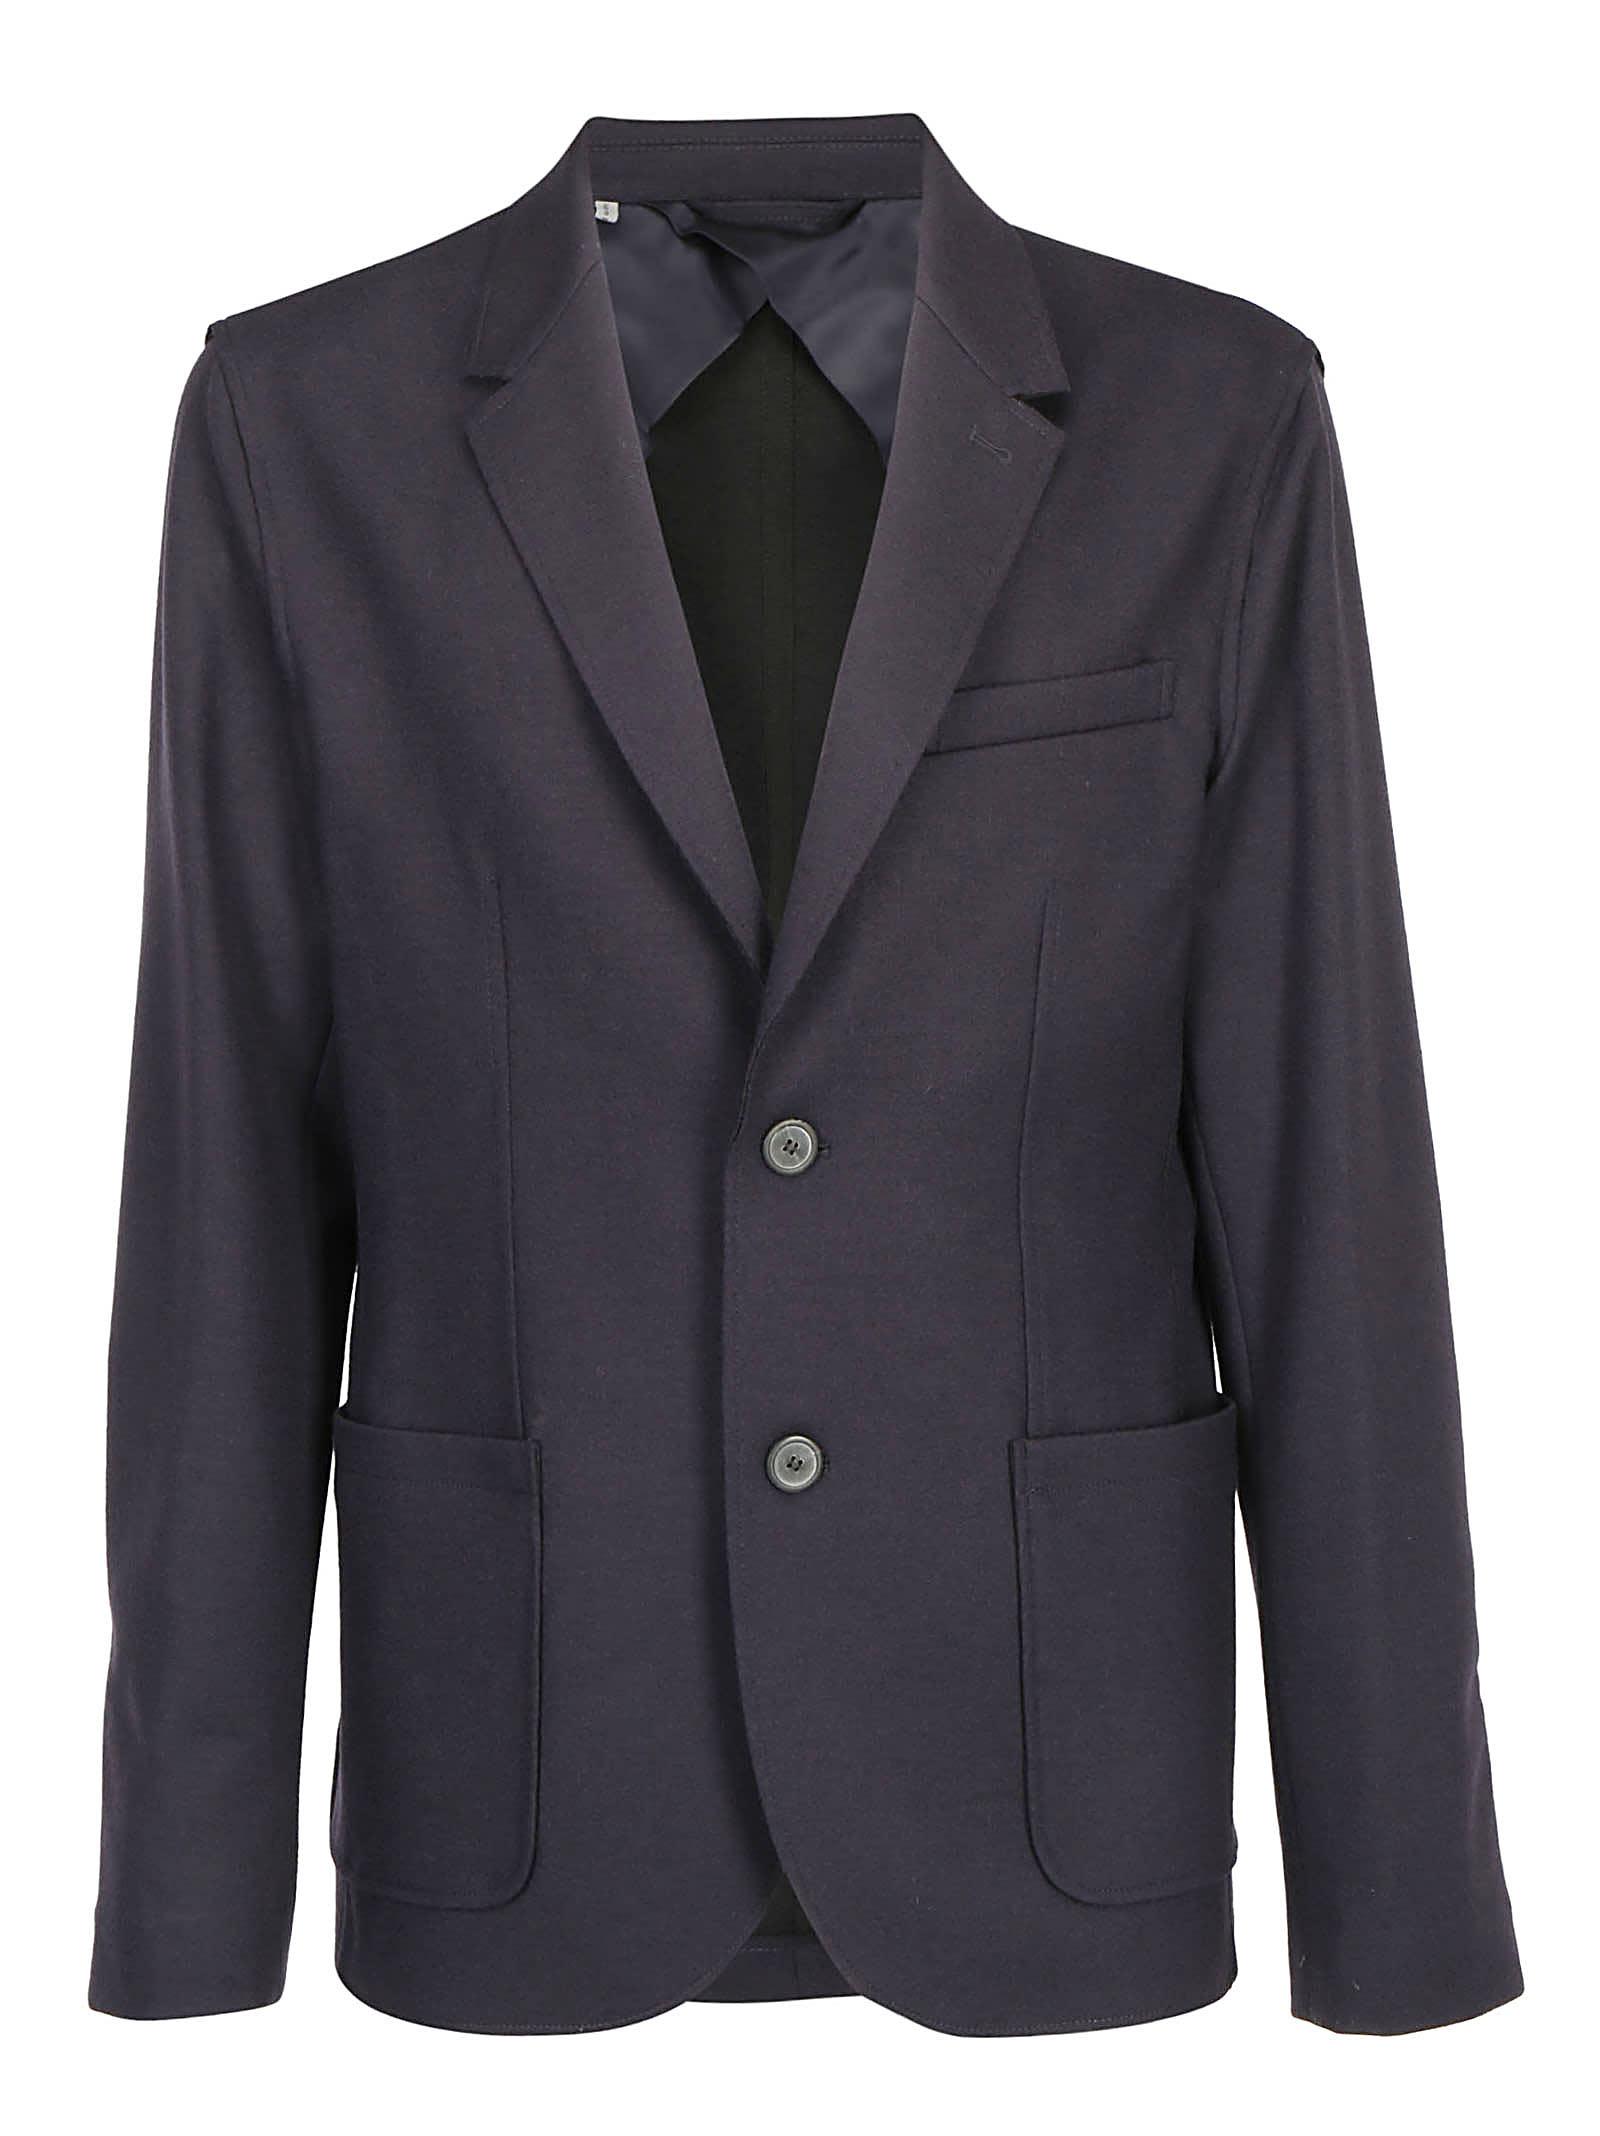 Lanvin Jersey Jacketr In Navy Blue